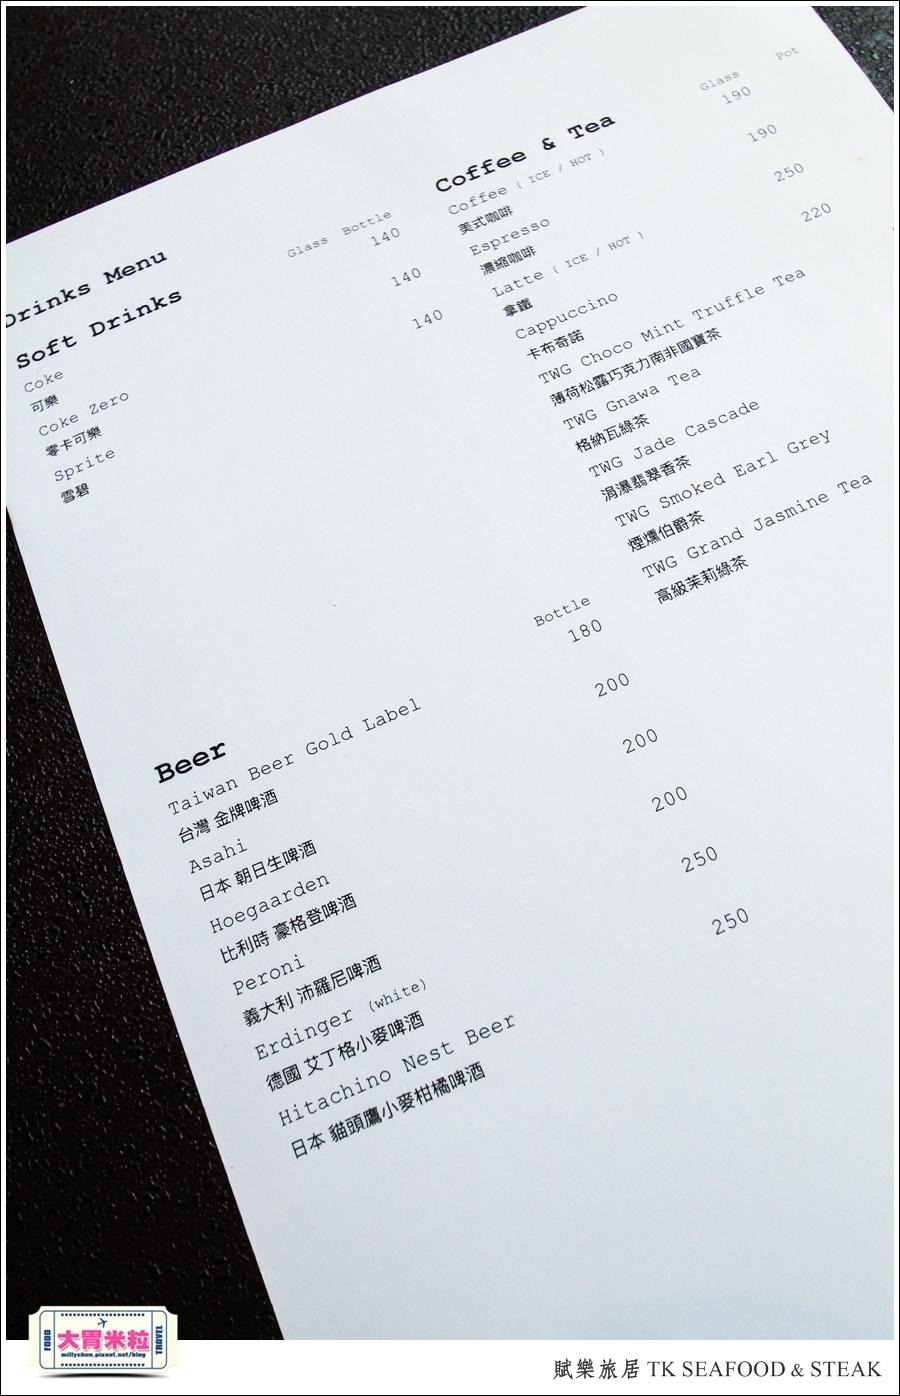 台北牛排餐廳推薦@賦樂旅居-TK SEAFOOD & STEAK(TK牛排)@大胃米粒0097.jpg